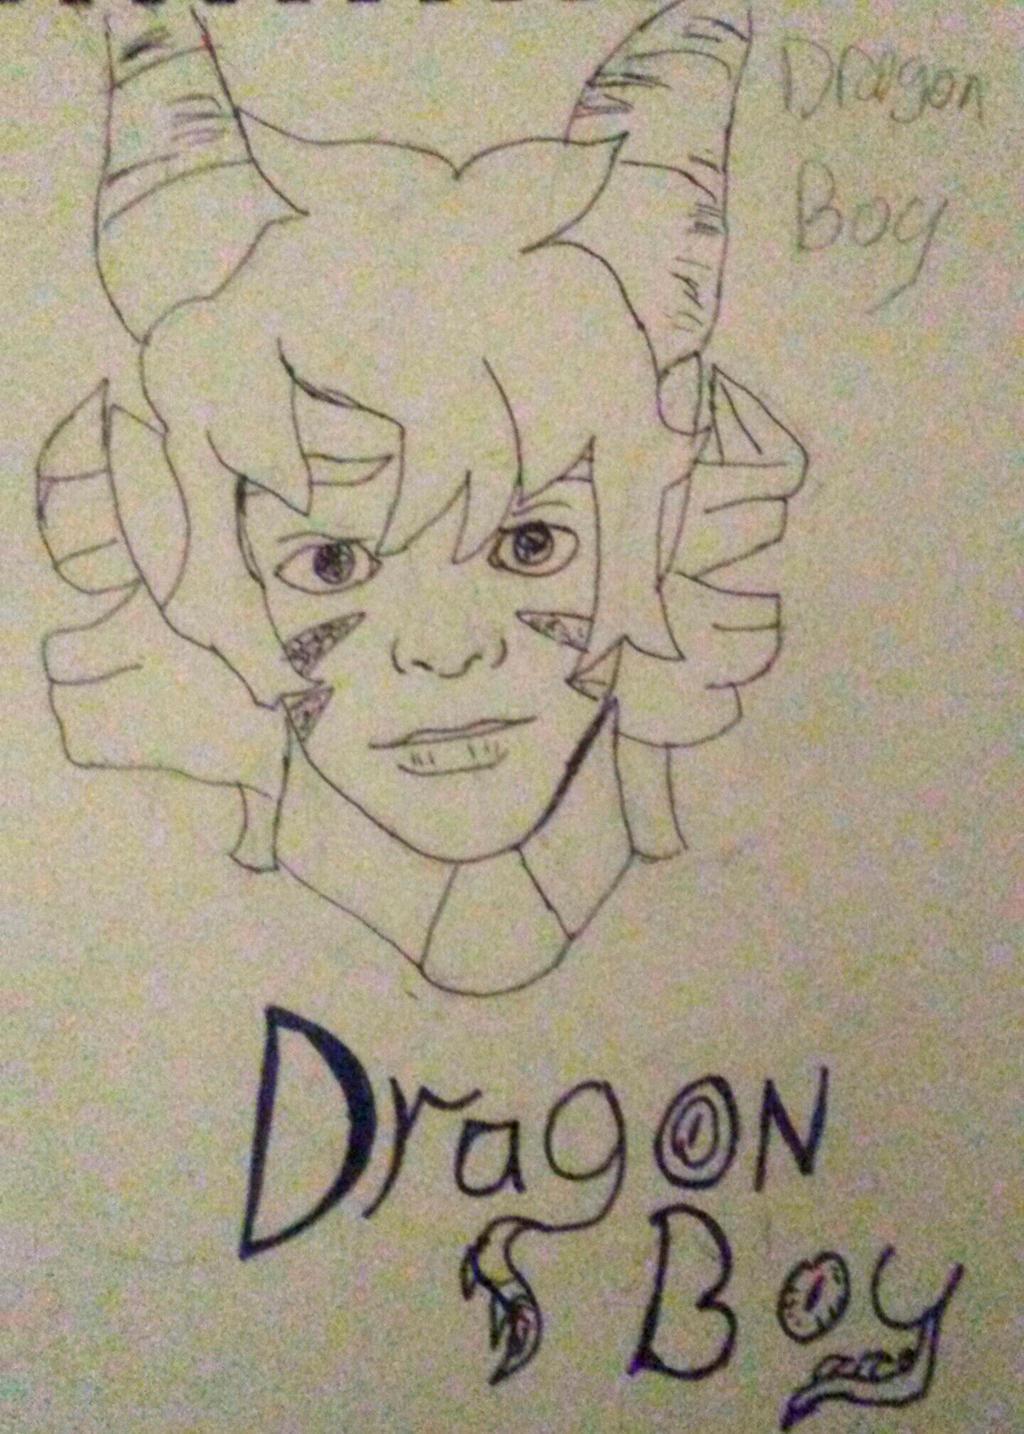 Dragon boyy by HecsabaTH